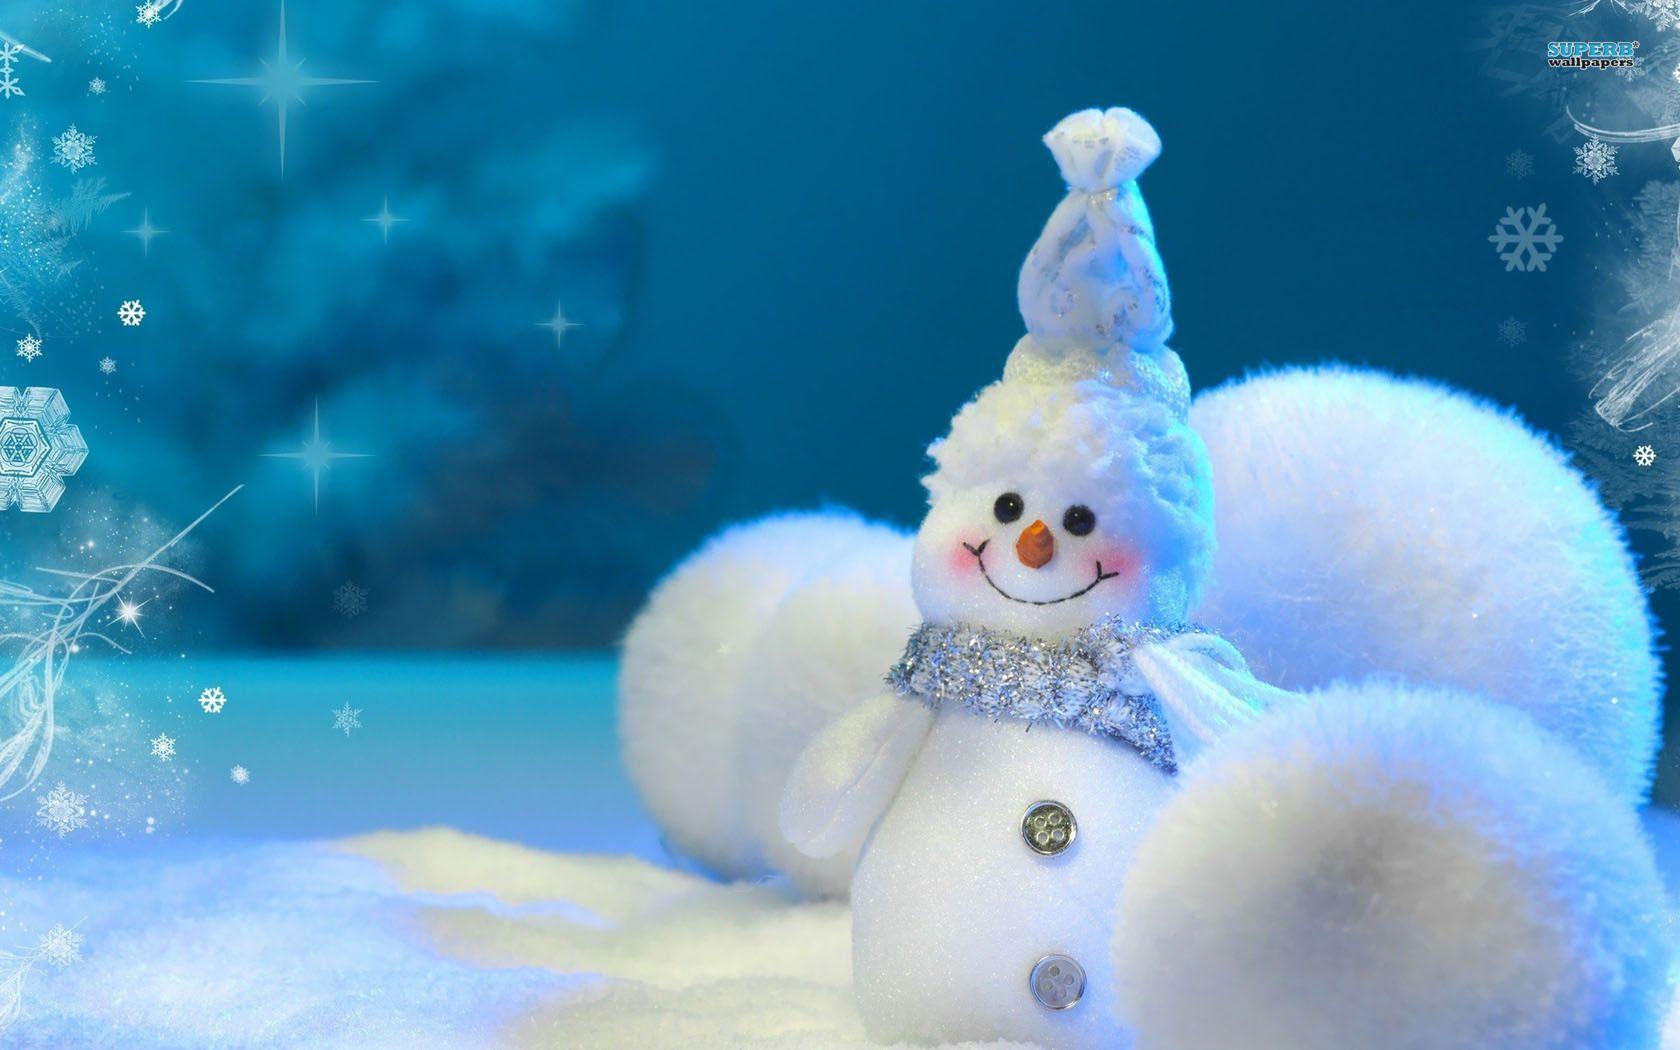 Cute Snowman Wallpaper Snowman Wallpaper Christmas Desktop Wallpaper Christmas Snowman